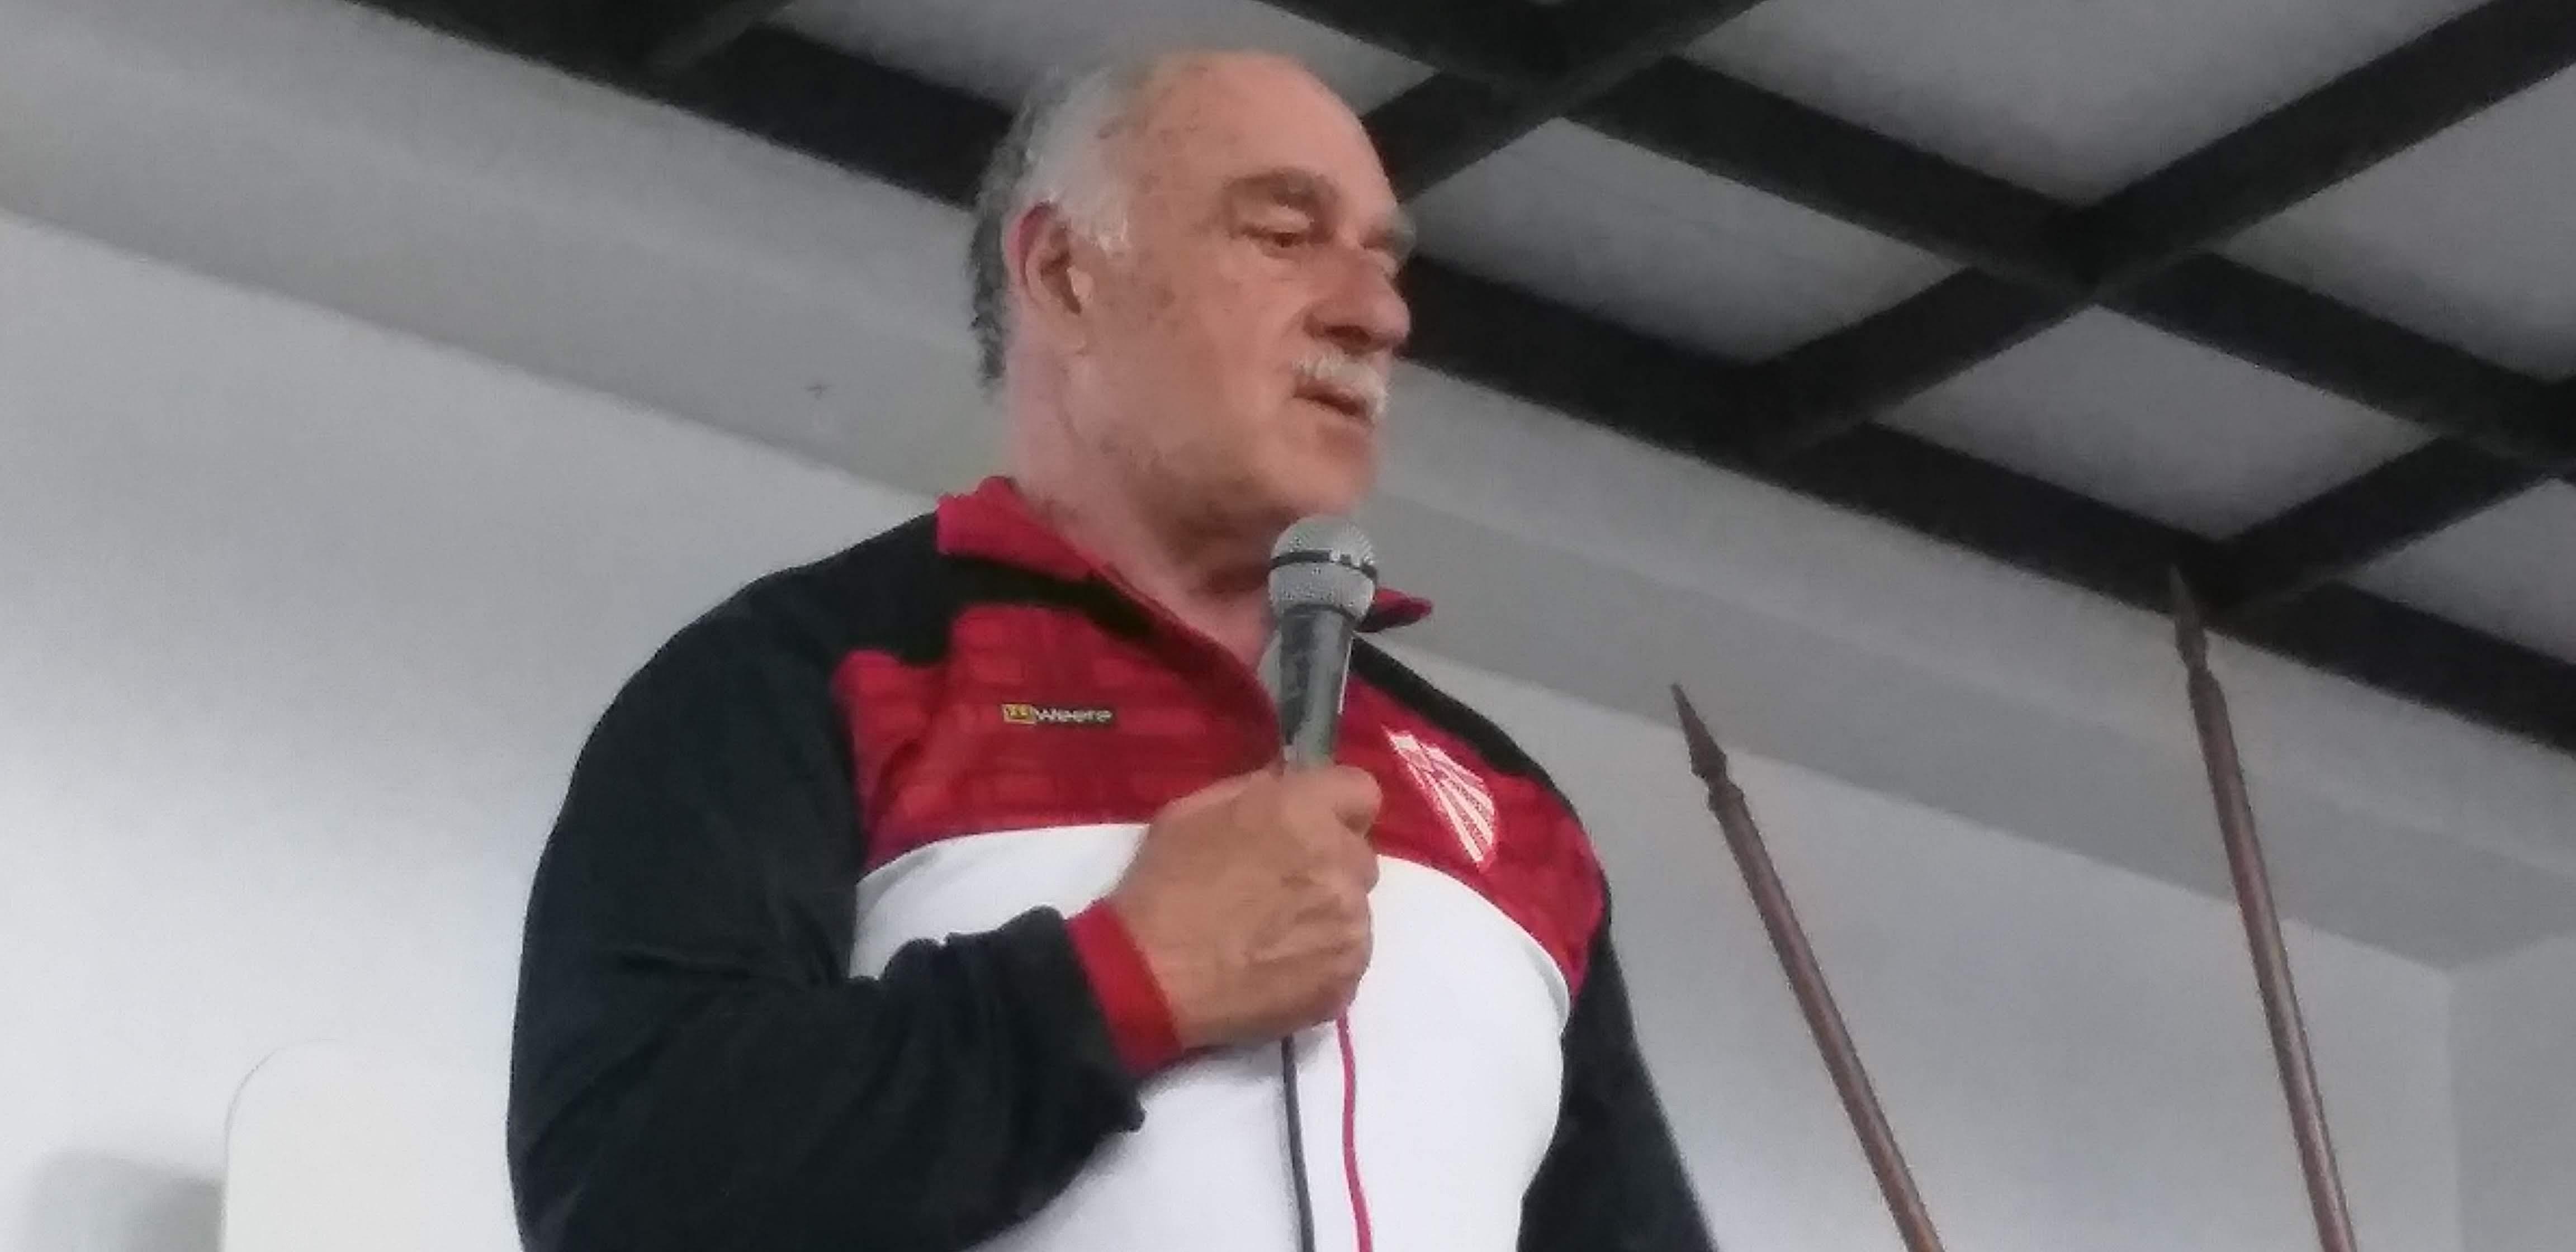 São Luiz acredita que gauchão não voltará a ser disputado